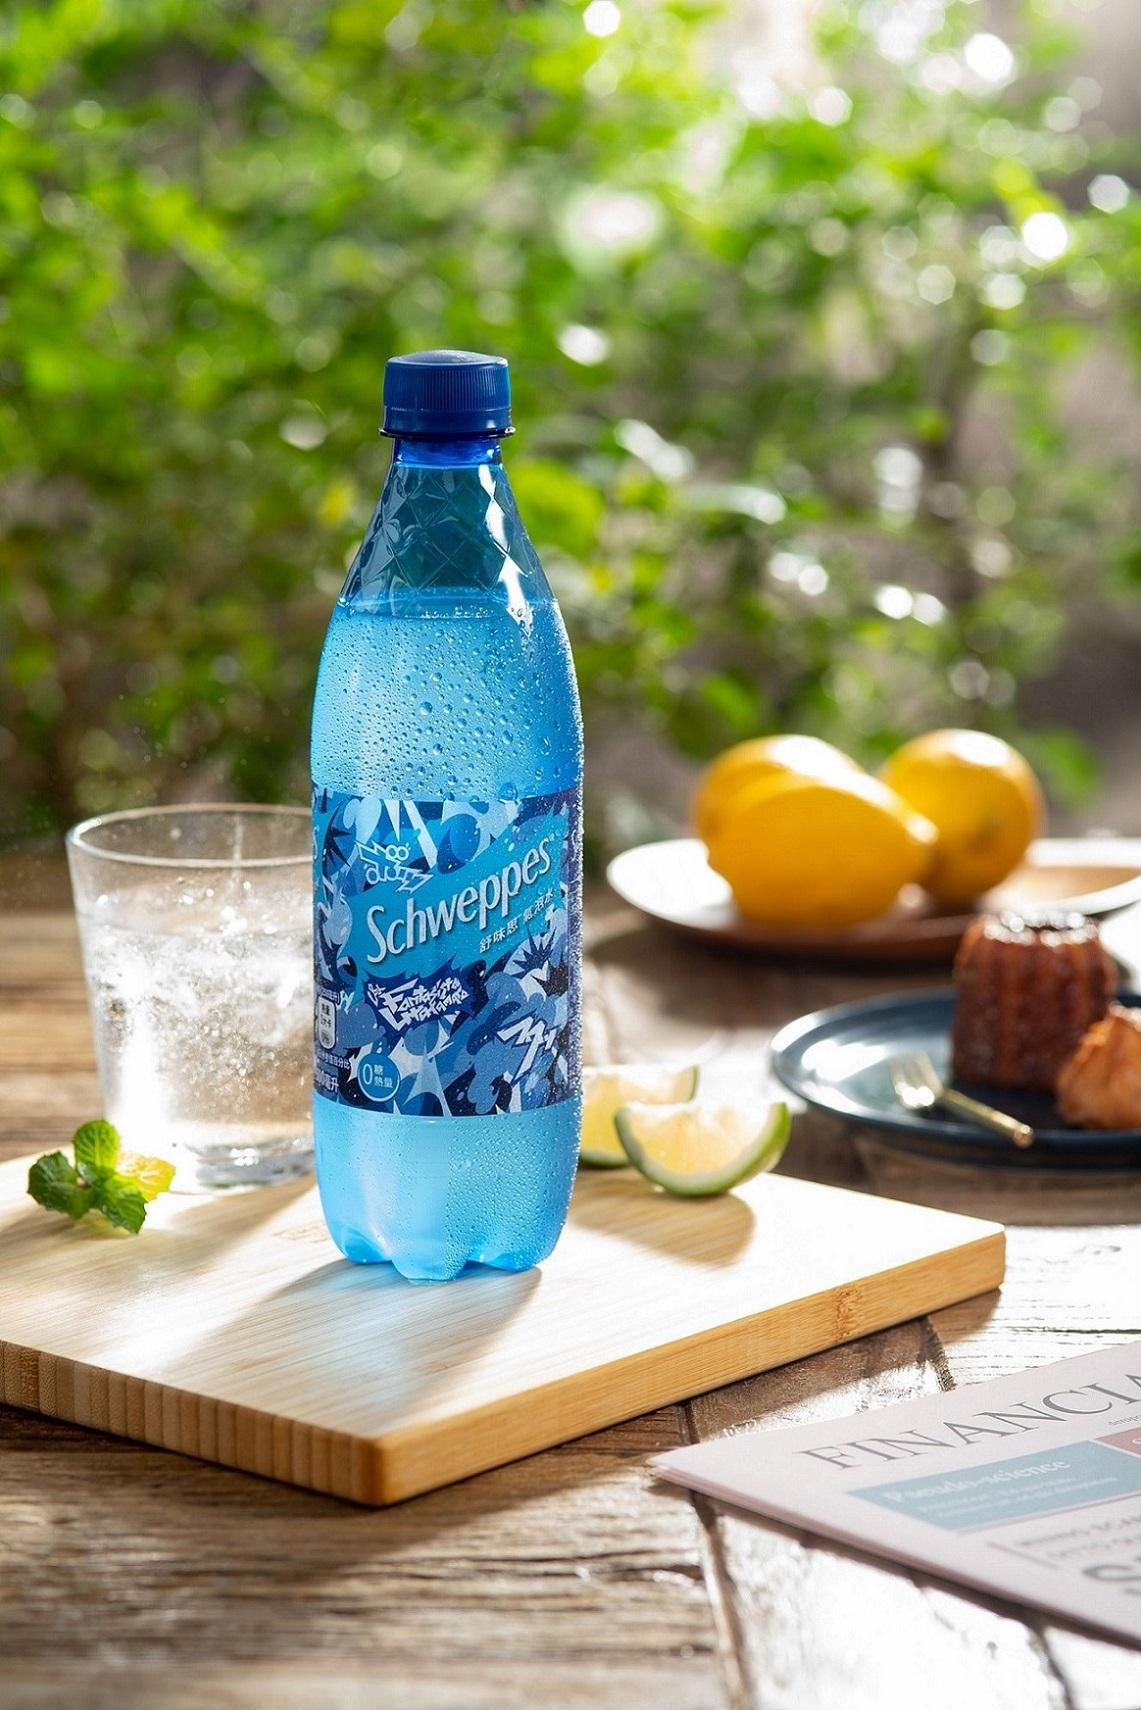 解暑就喝這罐! 「Schweppes舒味思」X「Fantasista Utamaro」3款限定潮流藝術瓶登場